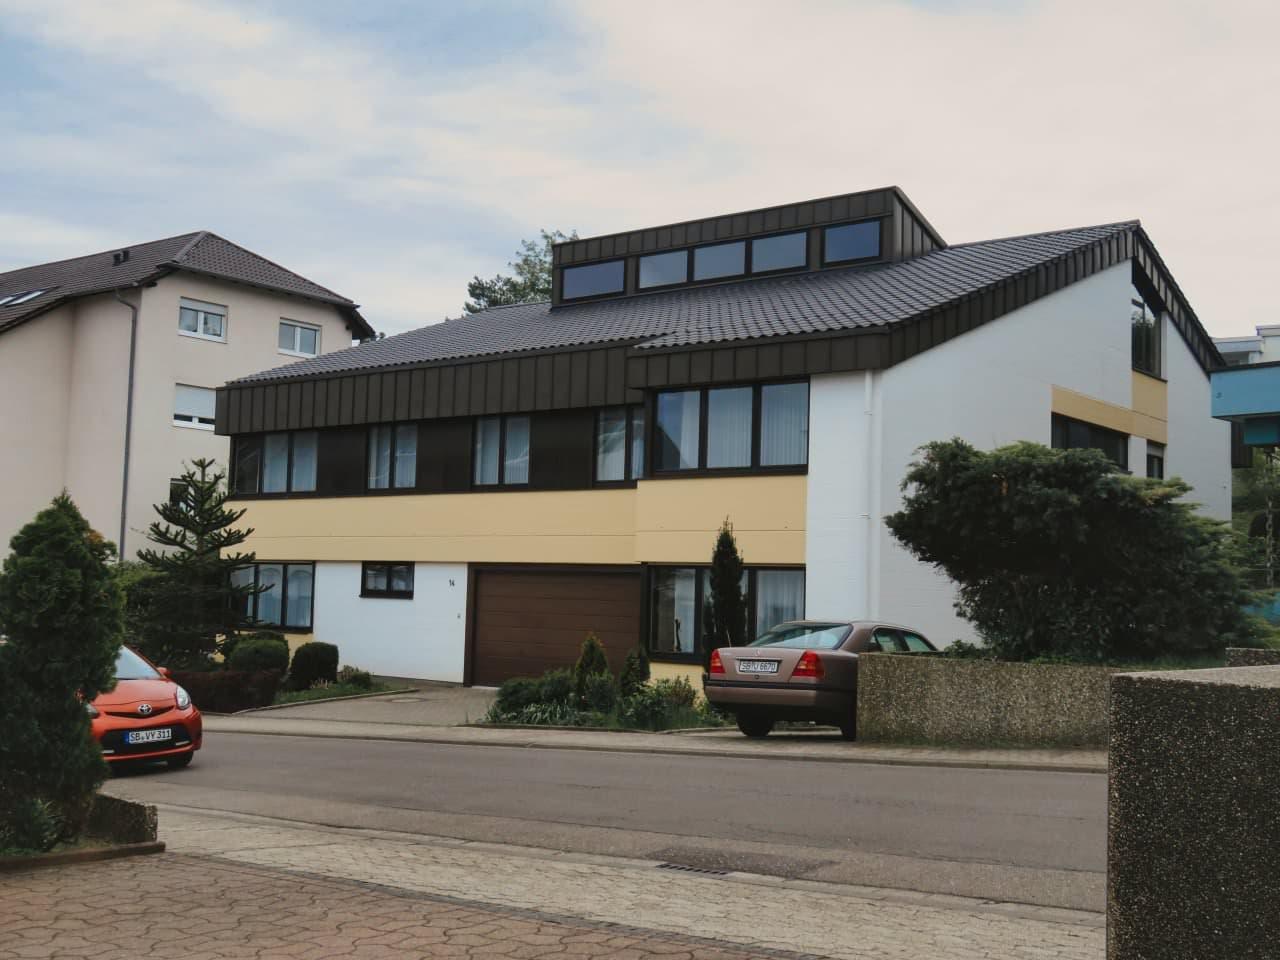 Neueindeckung Wohnhaus mit Aluminium-Winkelstehfalzein-deckung